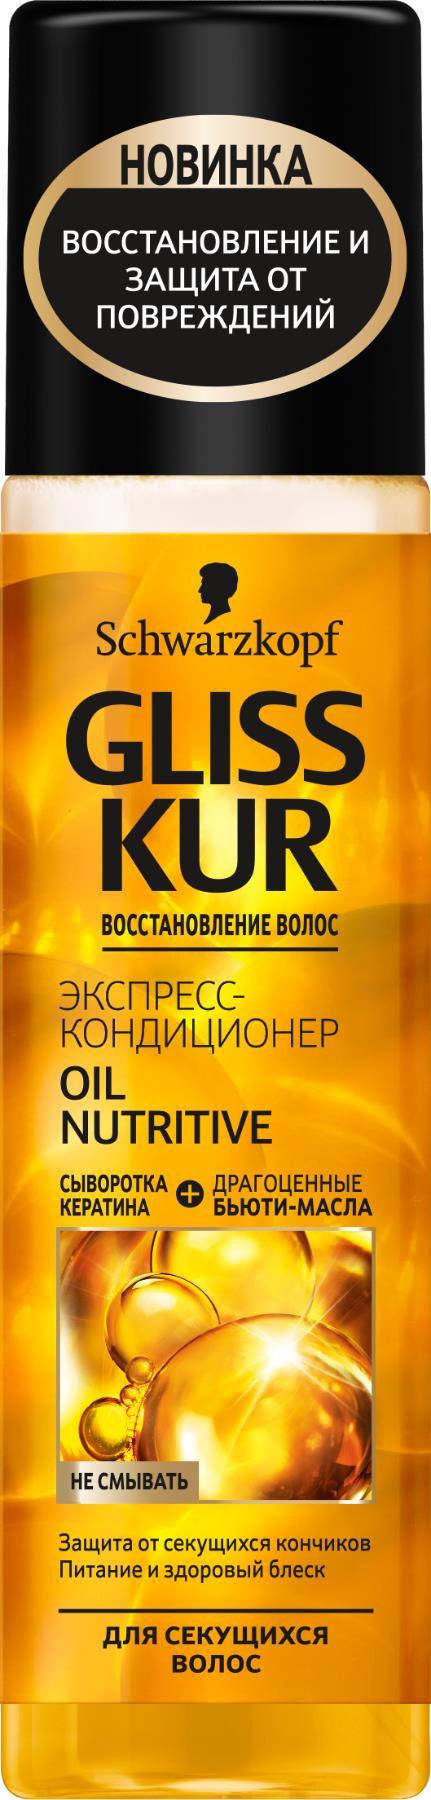 Gliss KurЭкспресскондиционер Oil Nutritive 8 масел для длинных секущихся волос 200 мл .